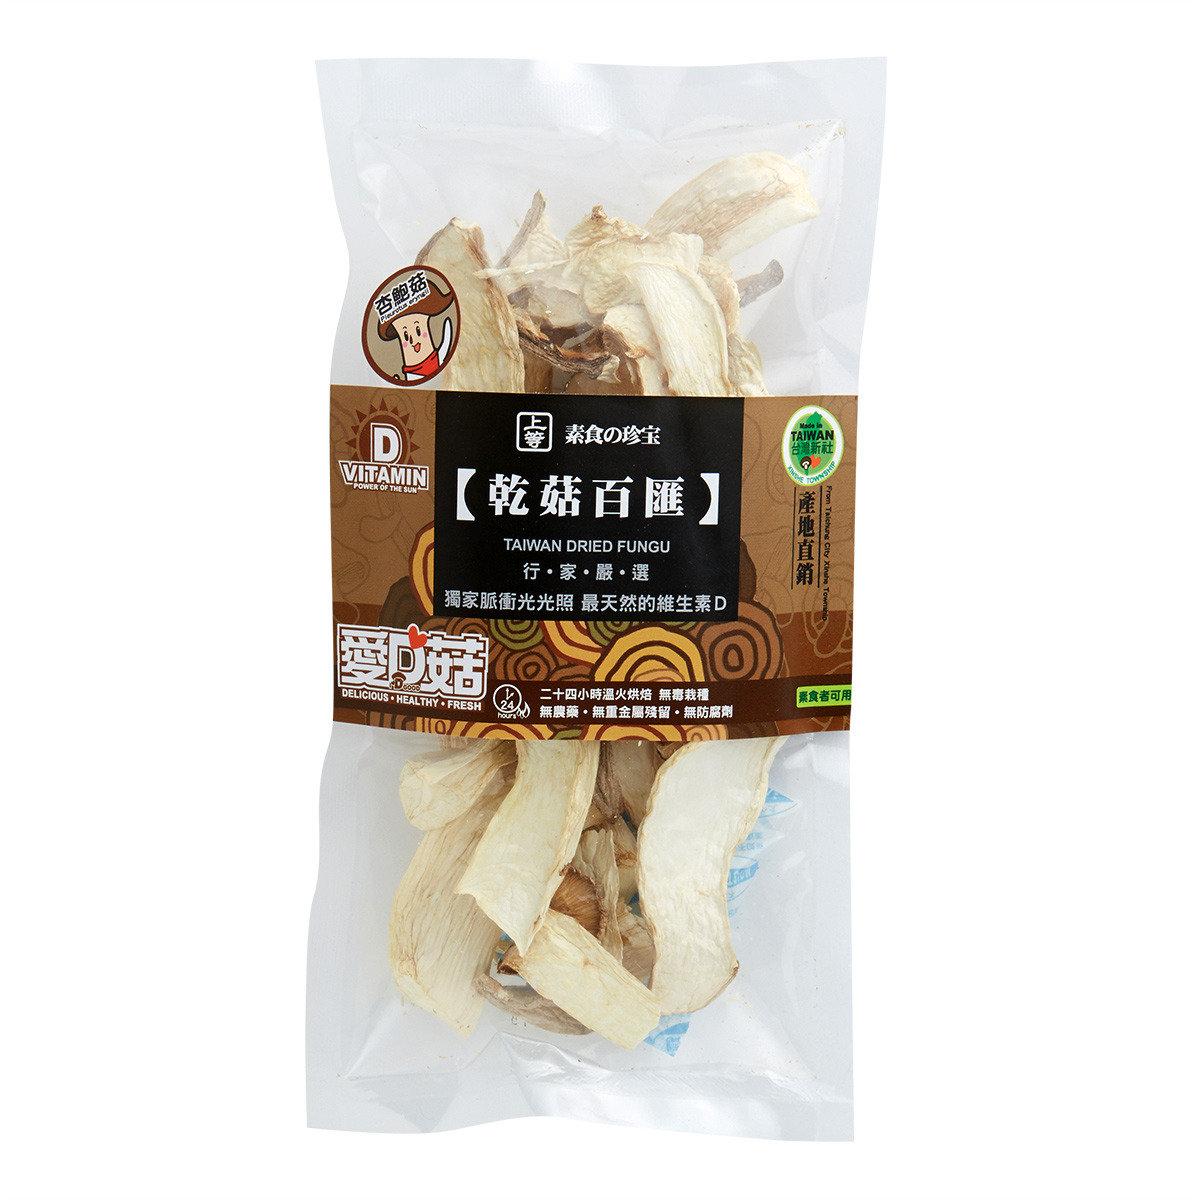 台灣杏鮑菇 (賞味期限: 2016年10月15日)